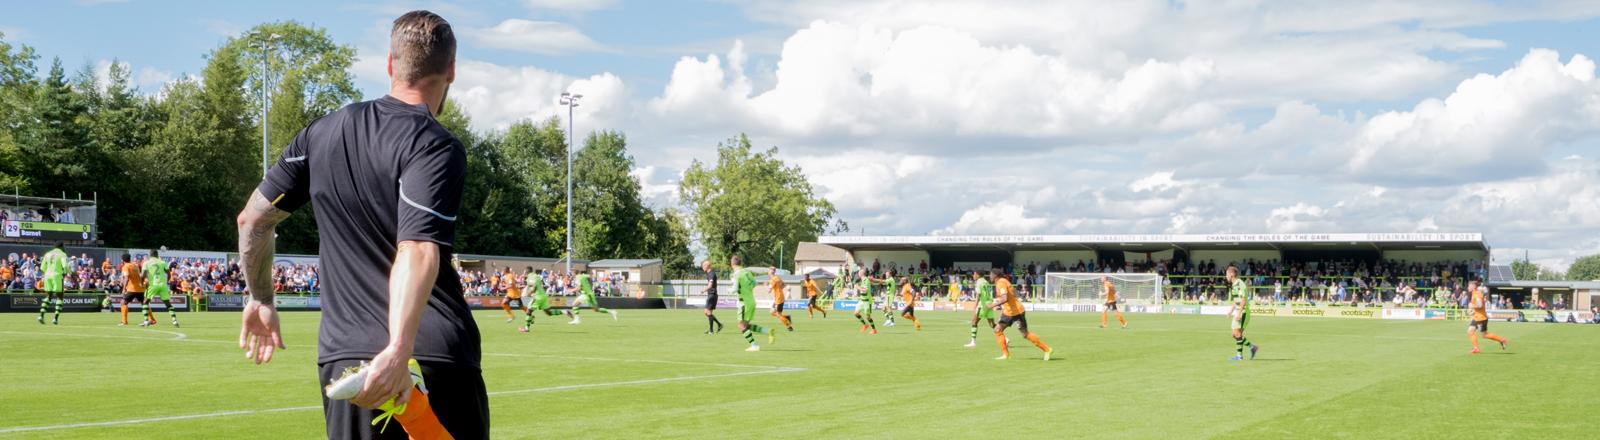 Der britische vegane Fußball Club Forest Green Rovers.